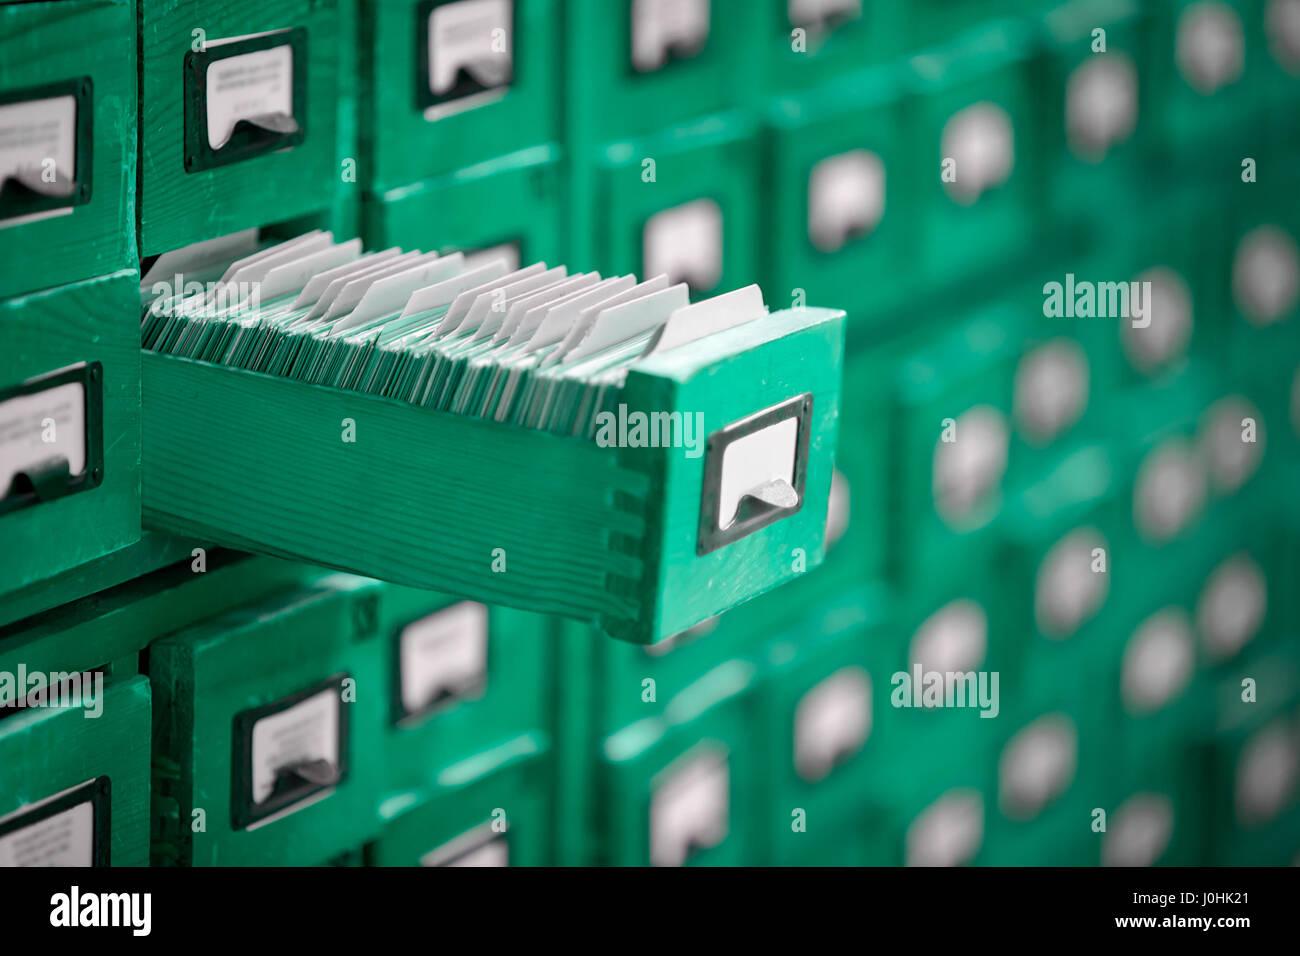 Catalogue de référence de la bibliothèque ou d'archives ouvert avec tiroir de carte. Photo Stock